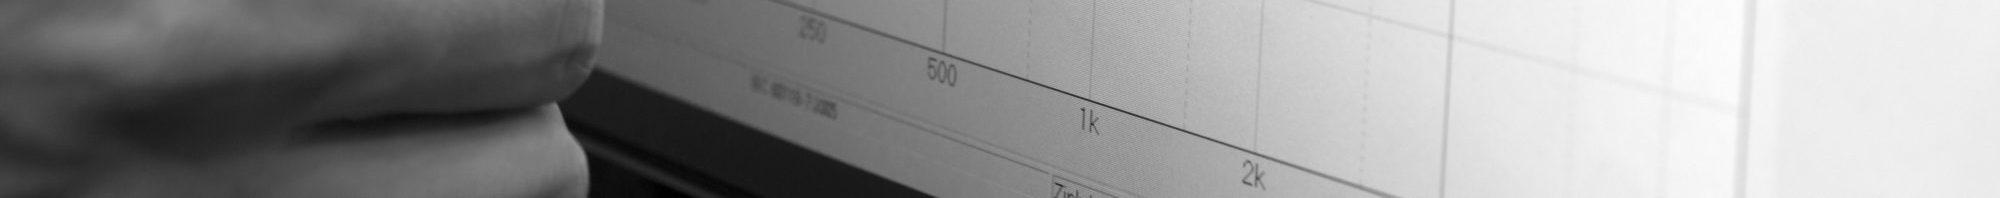 Hörakustik-Gutachter Alexander Tetzner, Hörgeräte, Hörsysteme, Hörgerät, Gutachten, Hörakustik, Hörgeräteakustik, Akustik, öffentlicher bestellter und vereidigter Sachverständiger, Sachverständiger, Wuppertal,